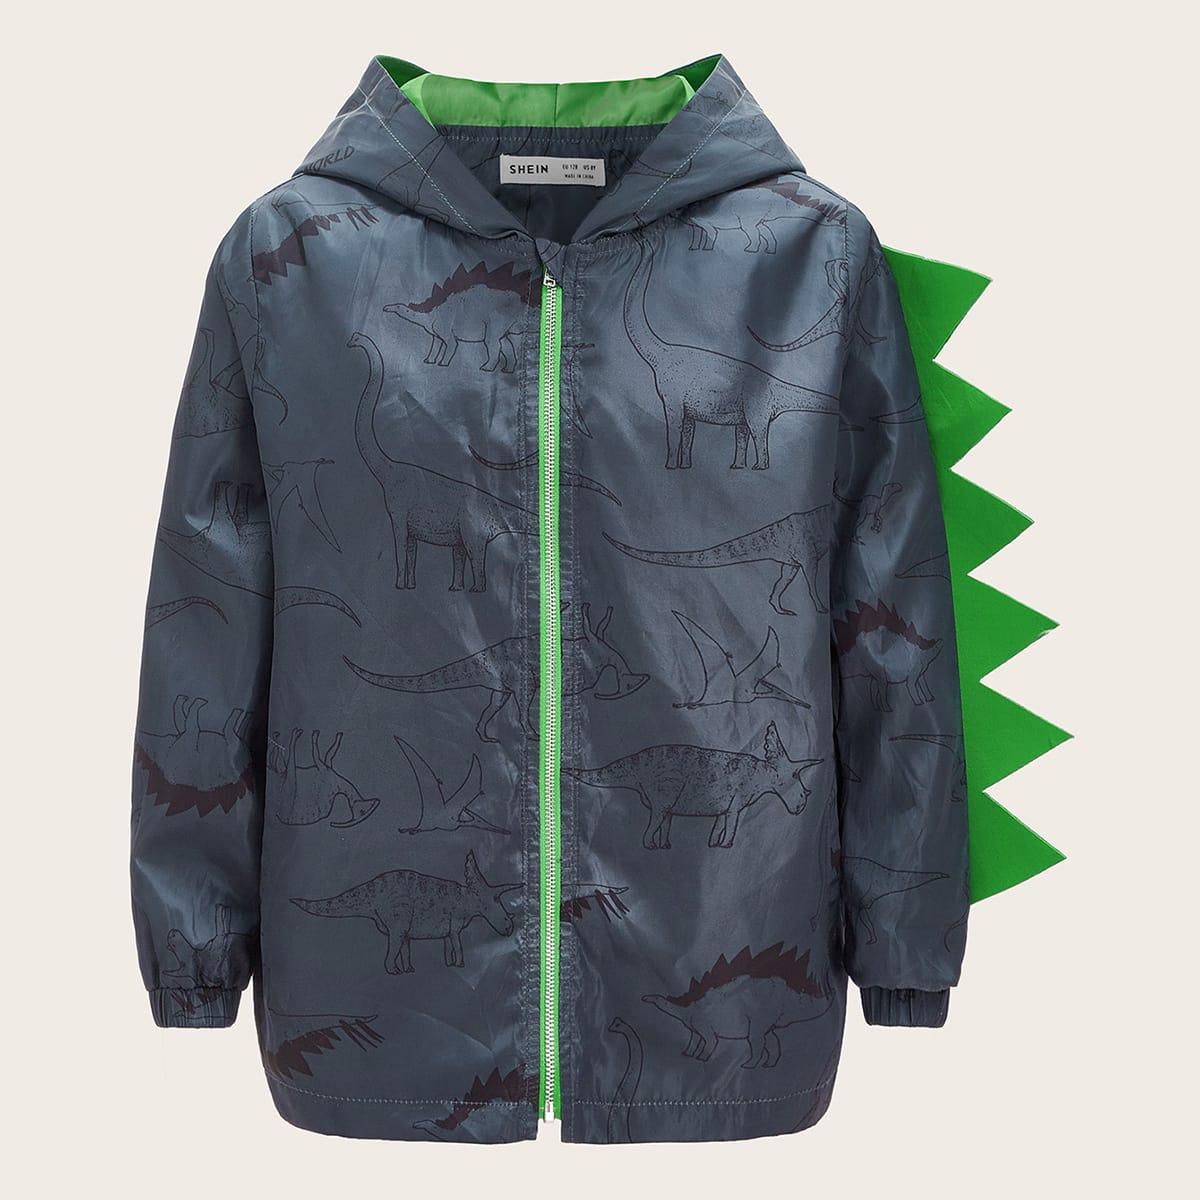 на молнии Животный принт Повседневный Пальто для мальчиков от SHEIN